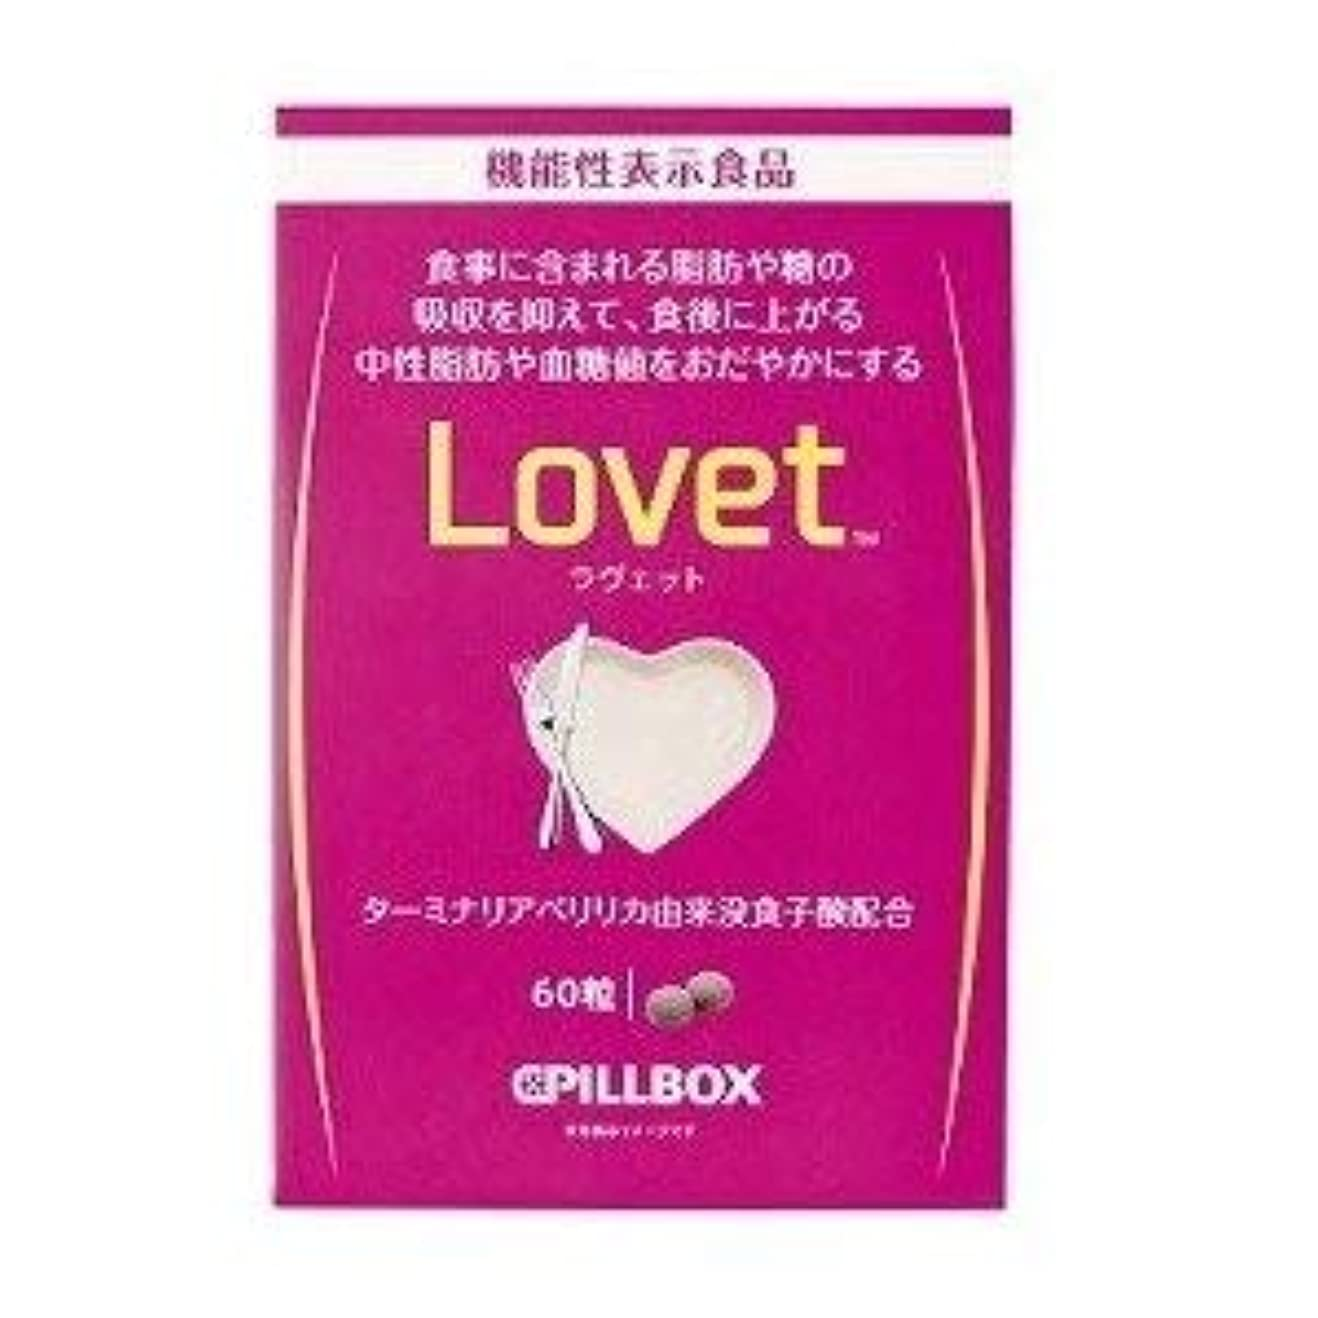 規制するラフ睡眠パスポートピルボックス Lovet(ラヴェット)60粒 10個セット